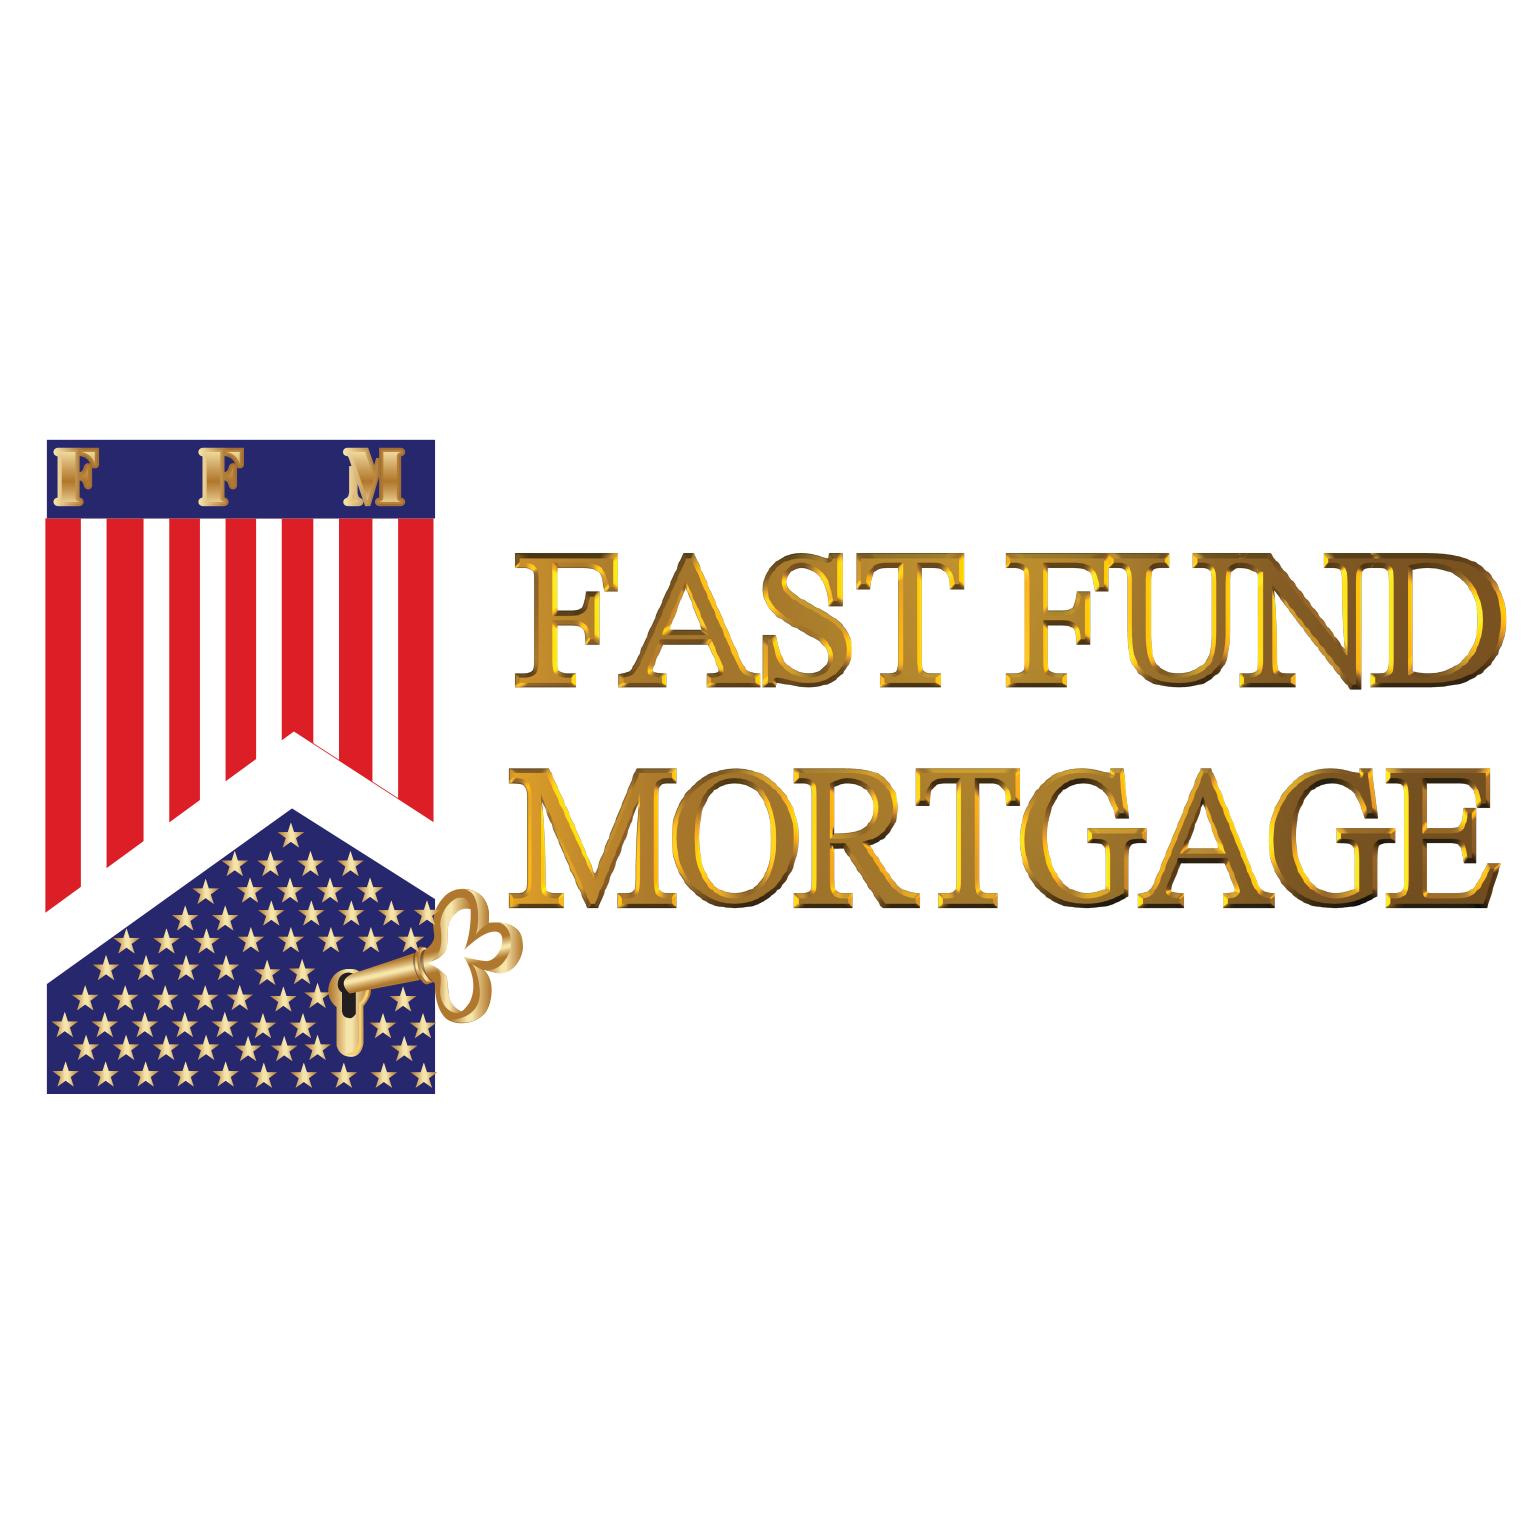 Anoop Kumar - Fast Fund Mortgage